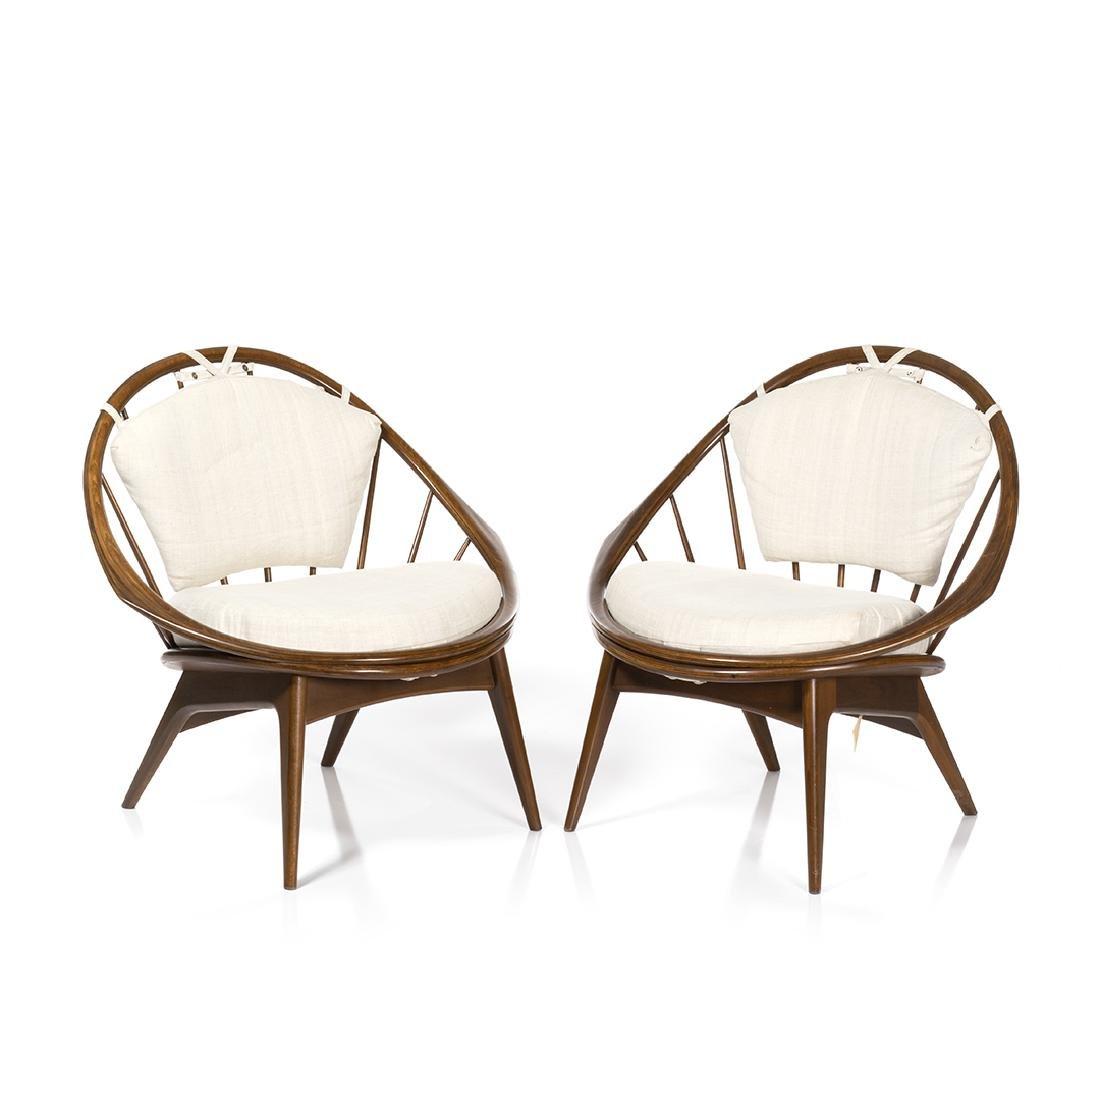 Ib Kofod Larsen Lounge Chairs (2)